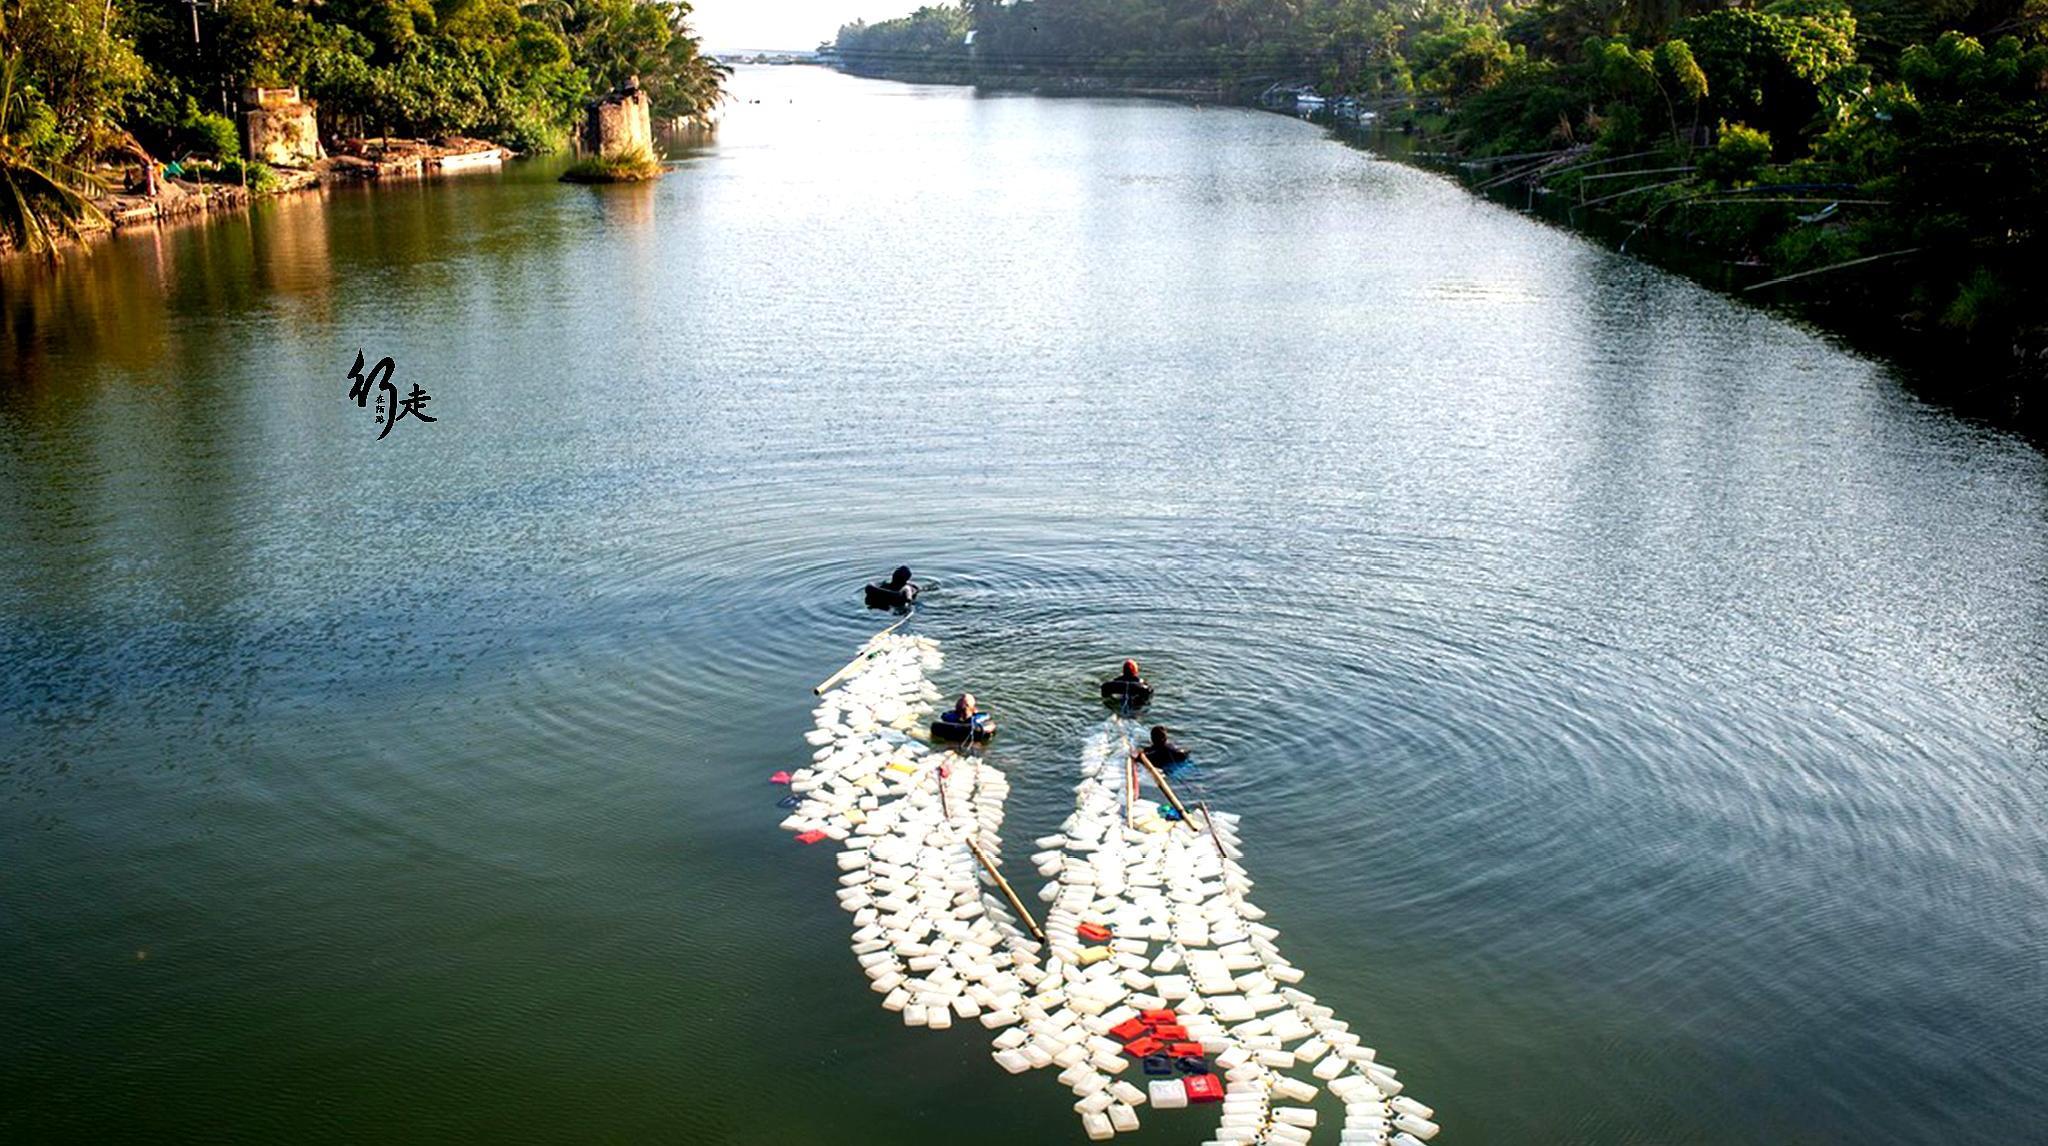 全球最脏的河:细菌量是印度恒河的23倍,催生新职业运水工